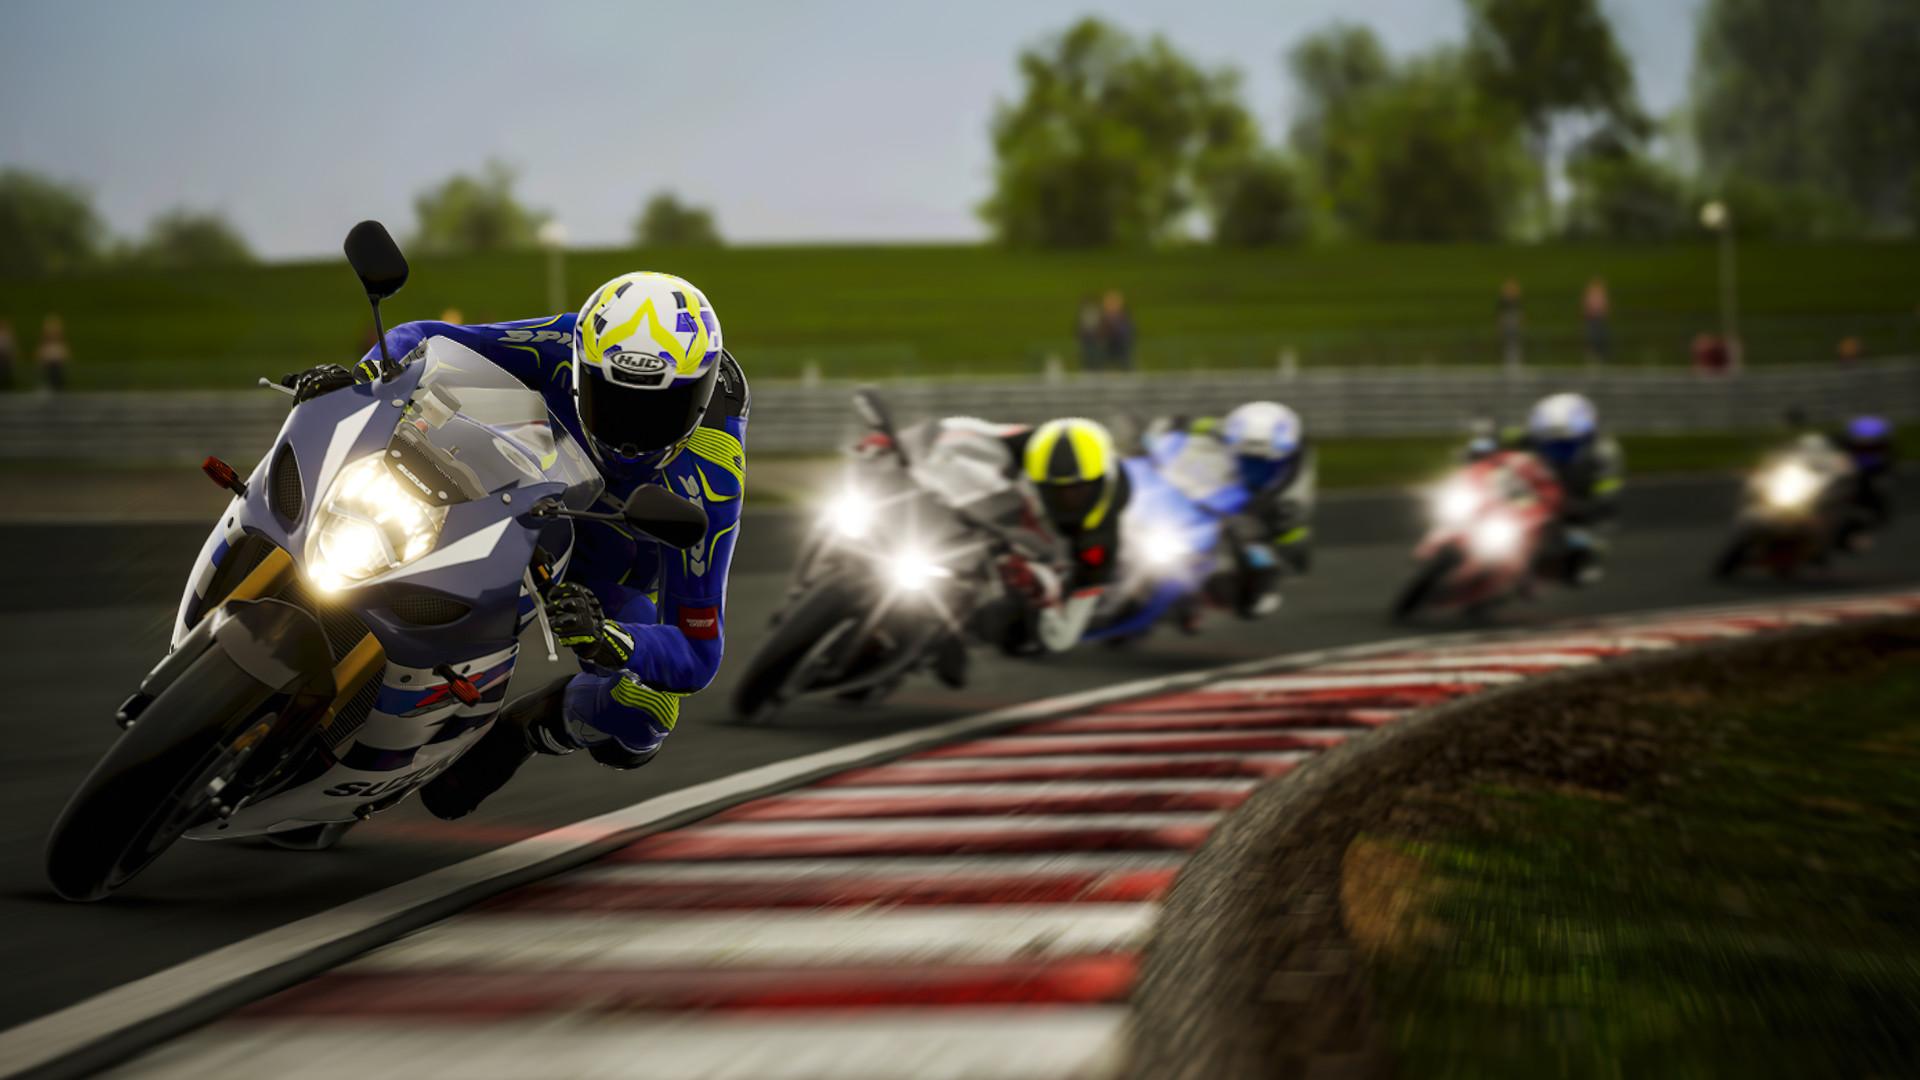 ride-4-pc-screenshot-04